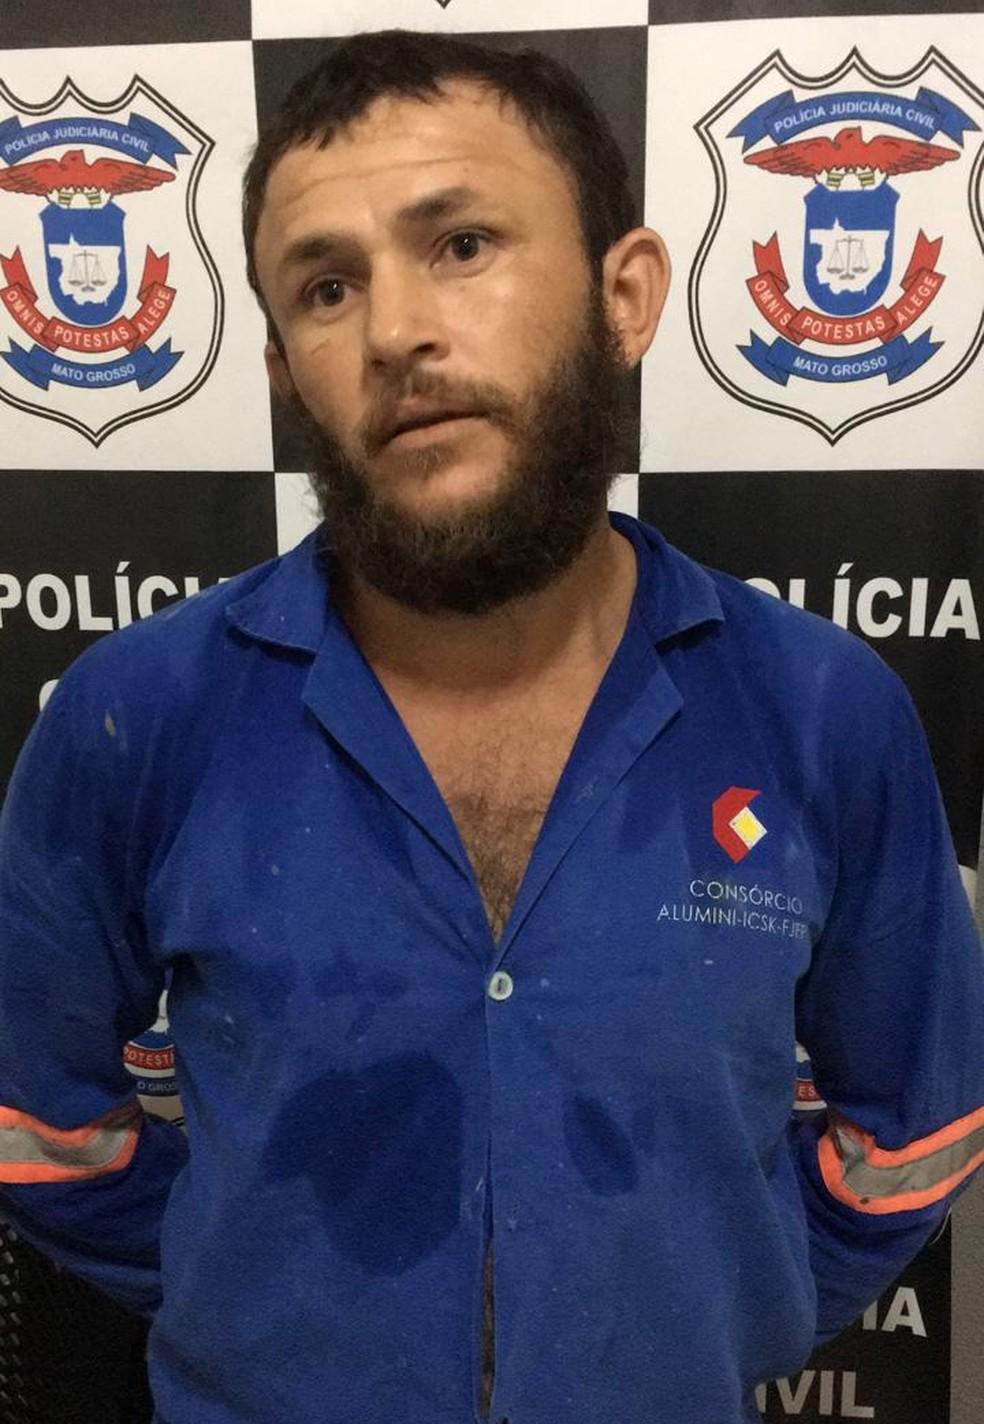 Carlos Sérgio Carvalho de Sousa estava foragido desde 2017 da Justiça do Maranhão e foi preso em Mato Grosso — Foto: Divulgação/Polícia Civil